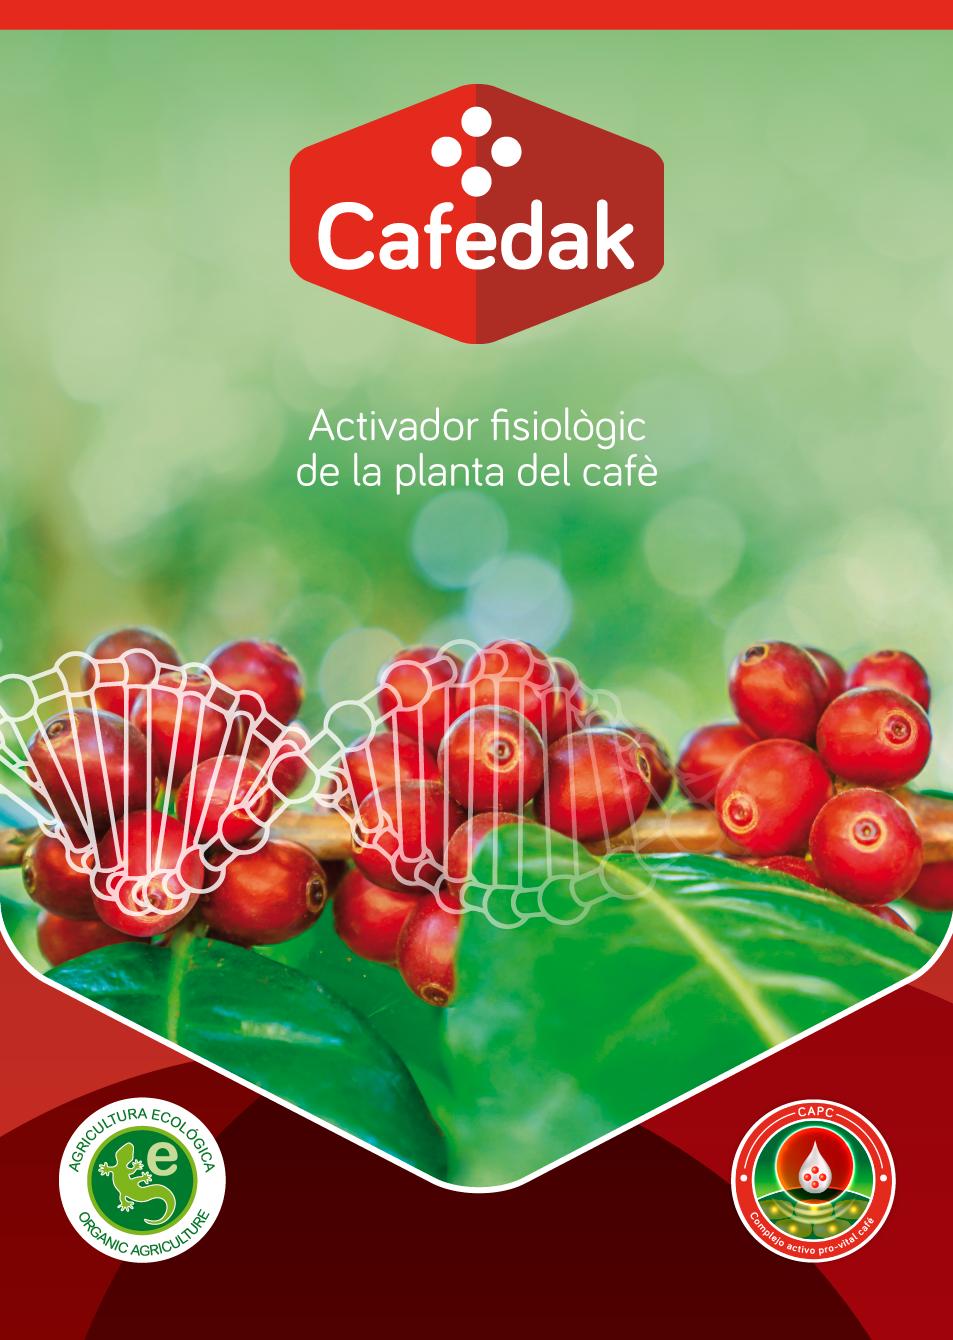 Cafedak: Activador fisiològic de la planta del cafè